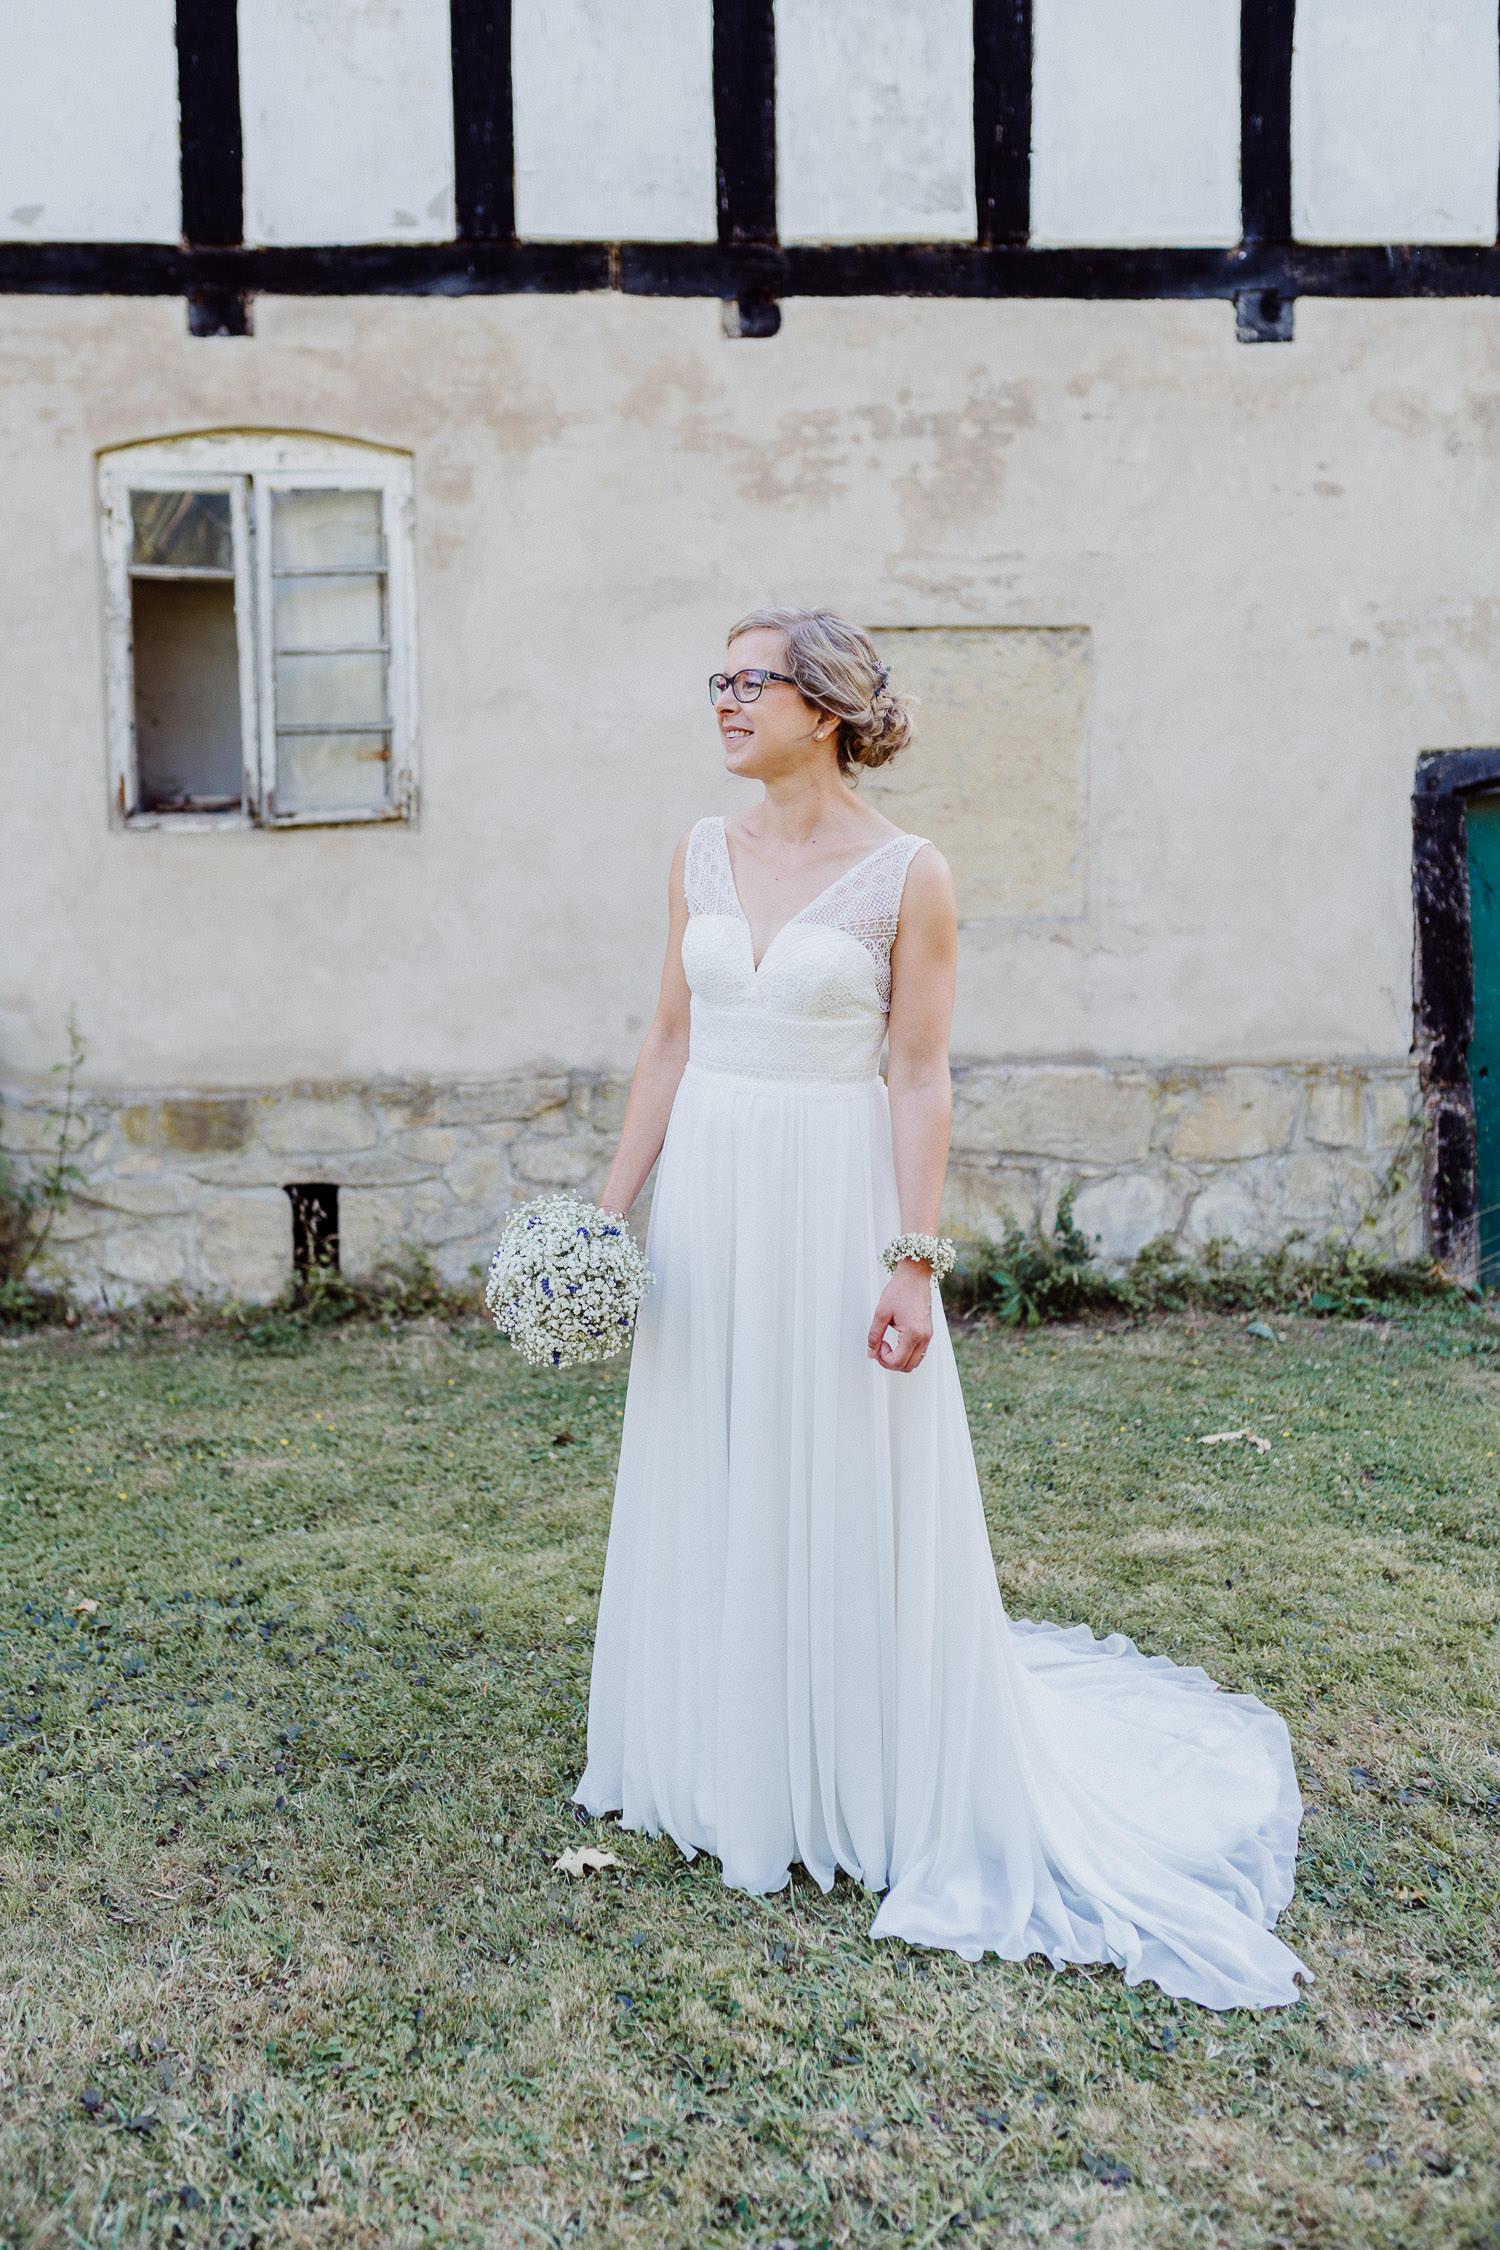 Braut Porträt im Hochzeitskleid